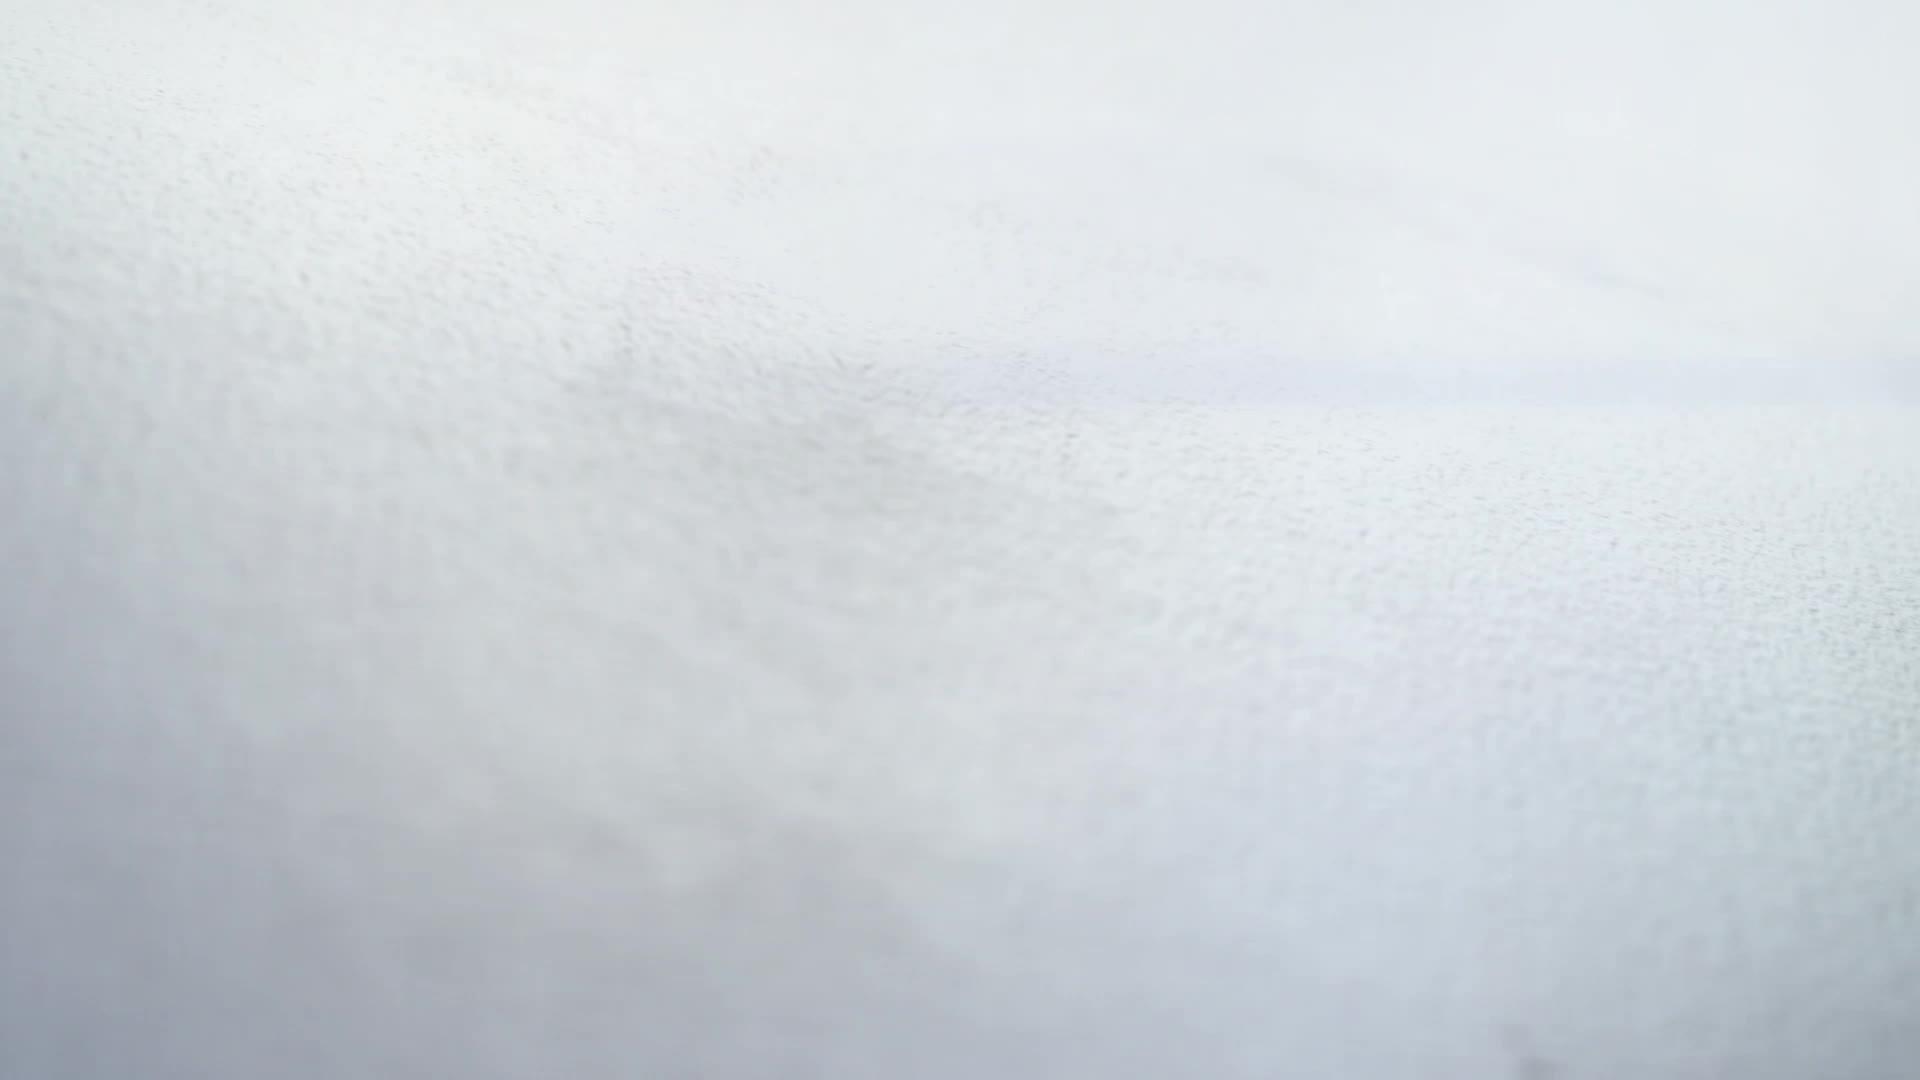 Groothandel aangepaste goede kwaliteit papier stro, rood en wit rietje